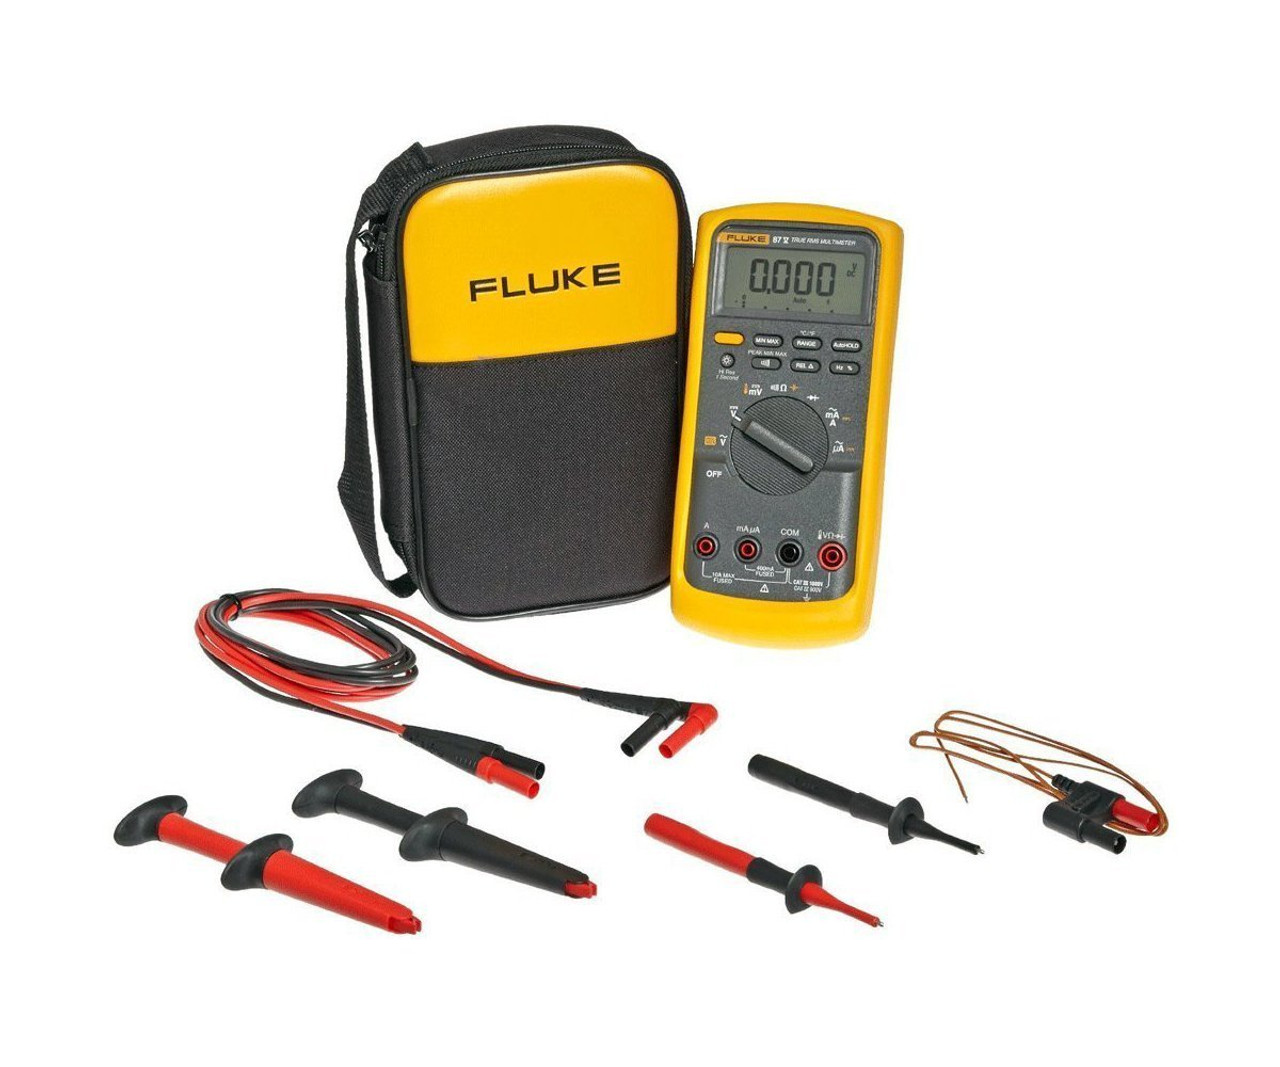 Fluke 87v Multimeter Kit And Leads - Ideal Supply Dba